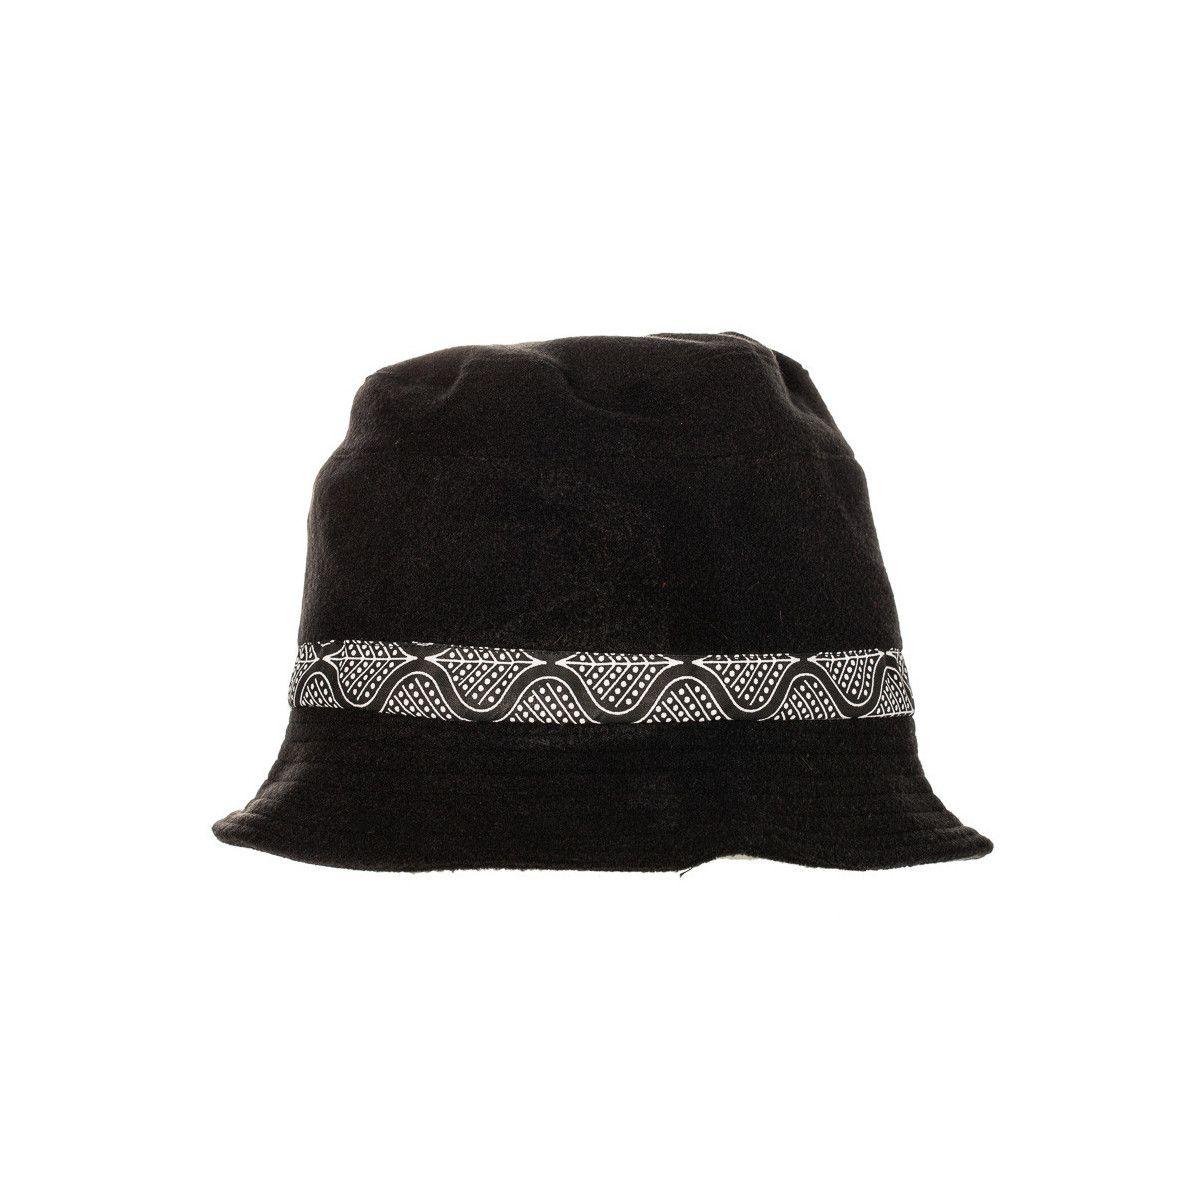 Chapeau polaire noir et blanc